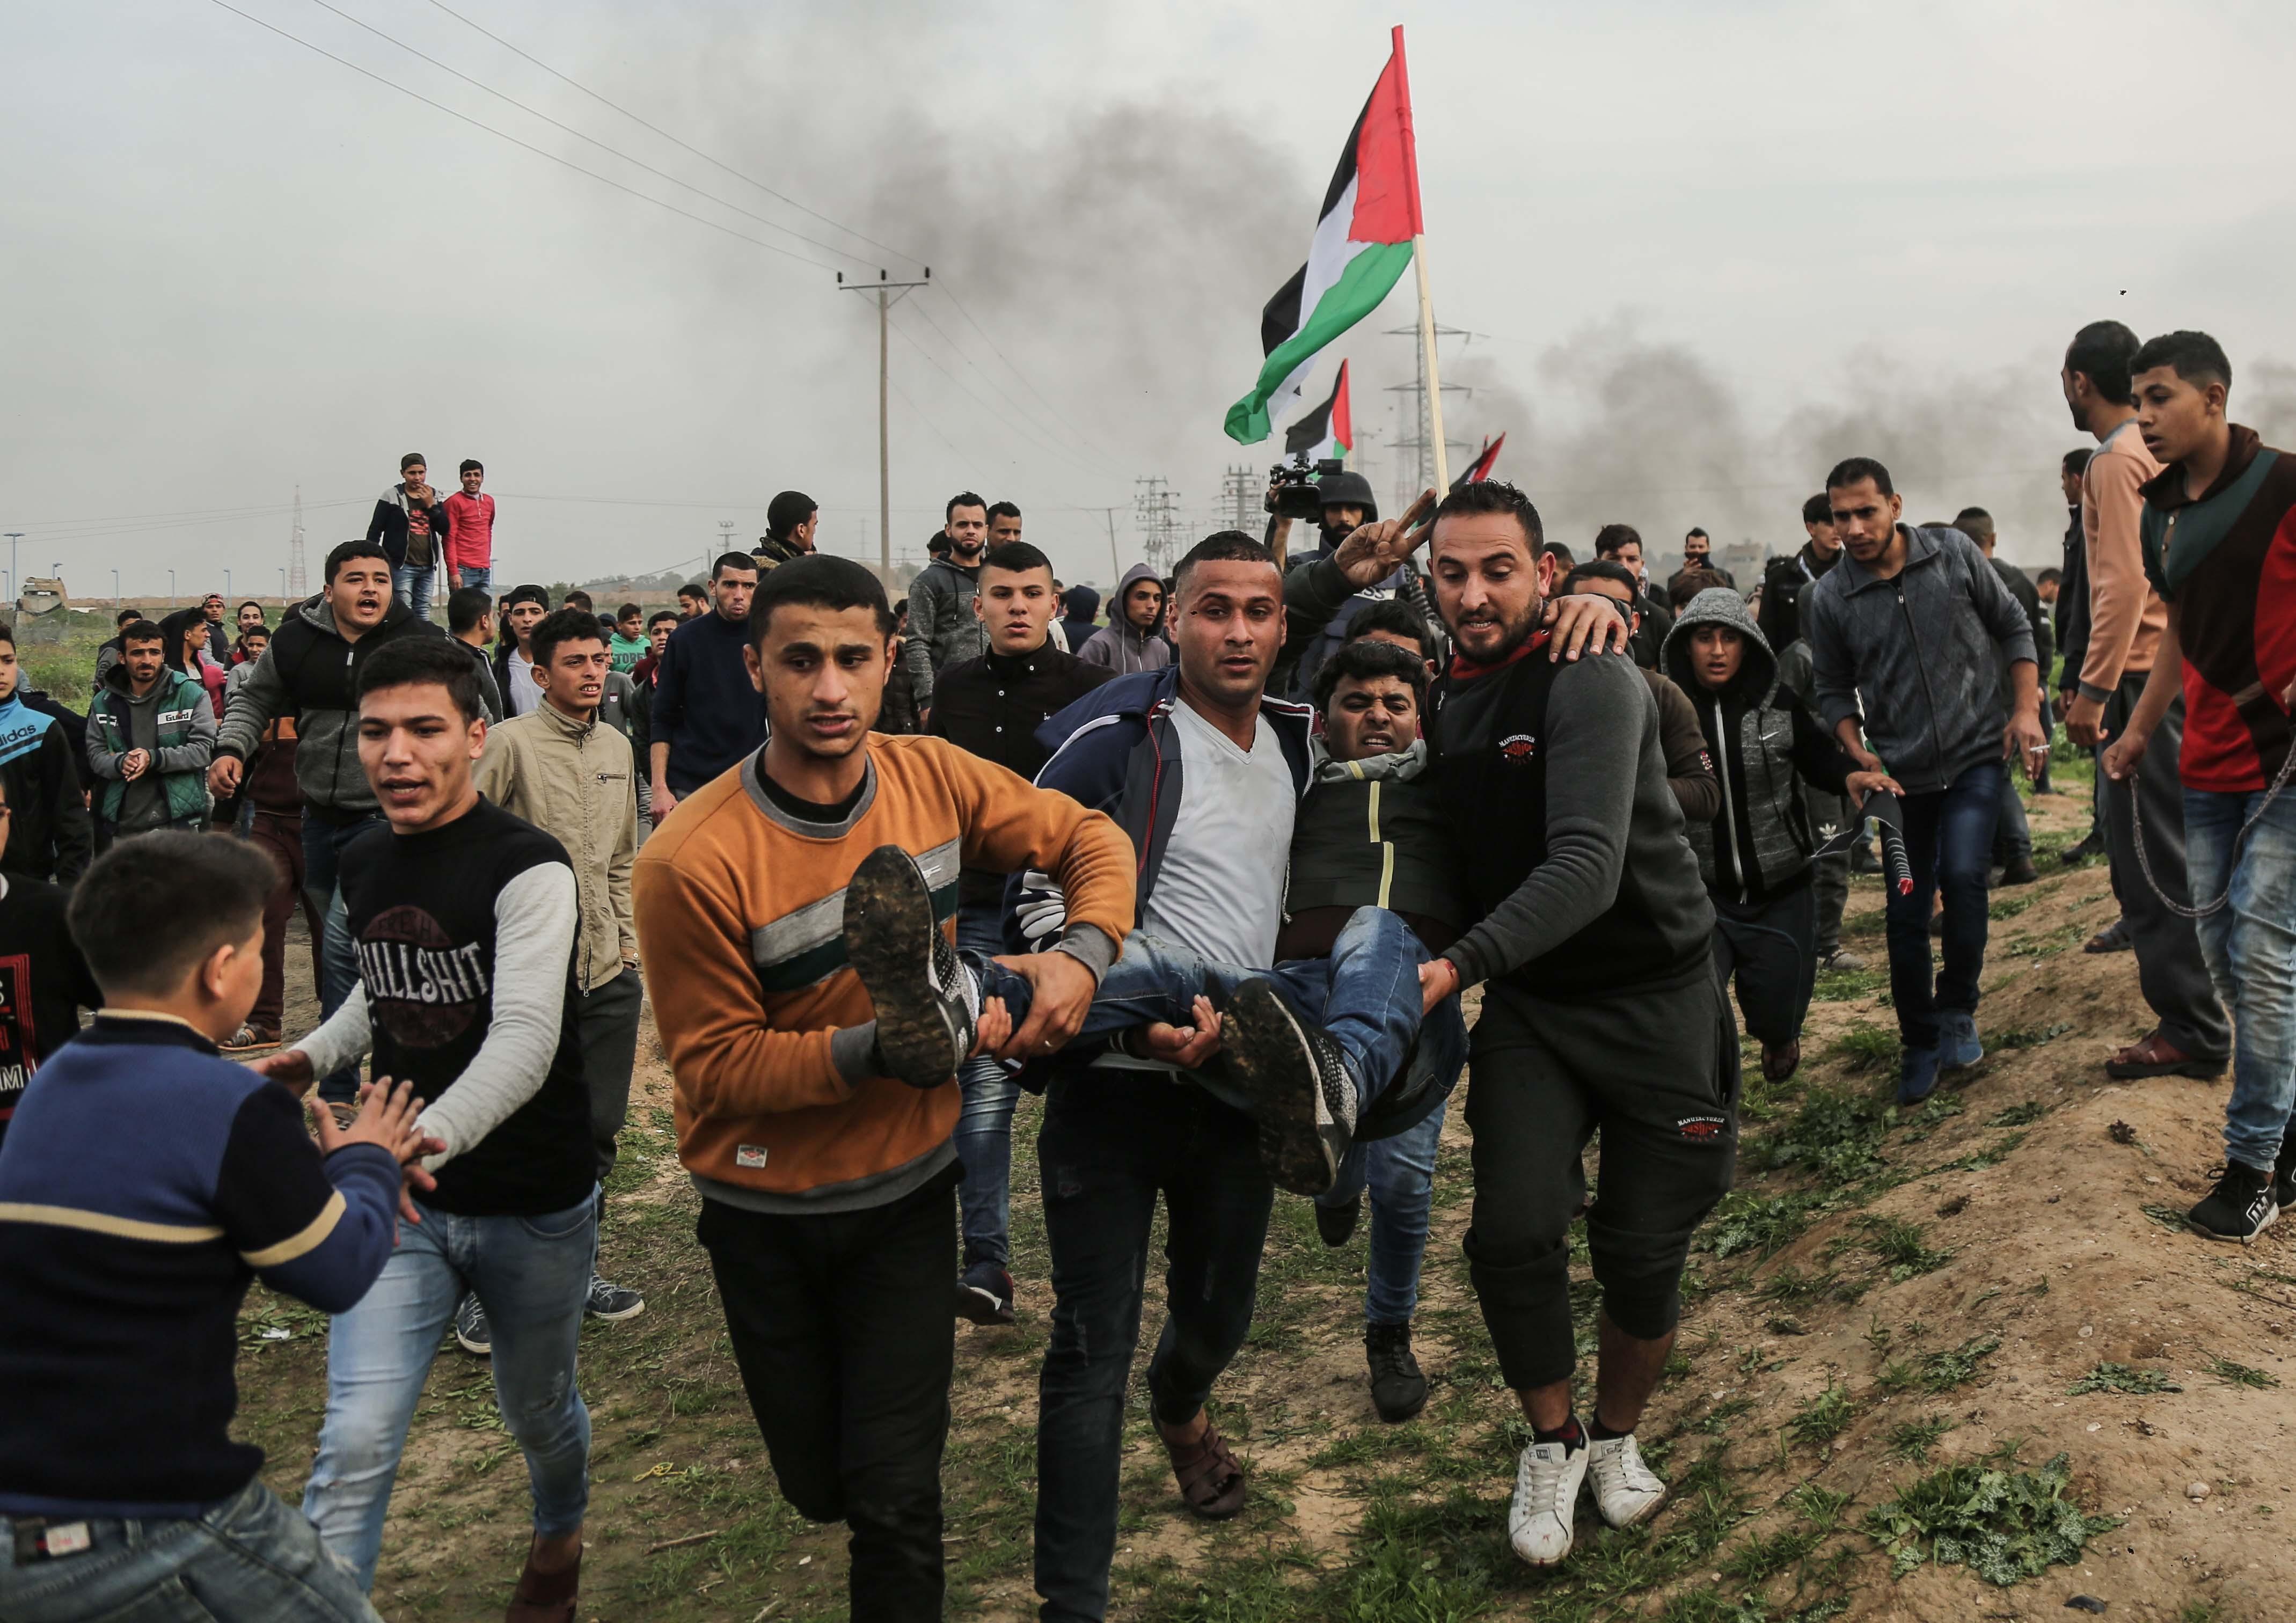 (في مليونية النكبة الـ71)عشرات الإصابات برصاص جيش الإحتلال شرق قطاع غزة